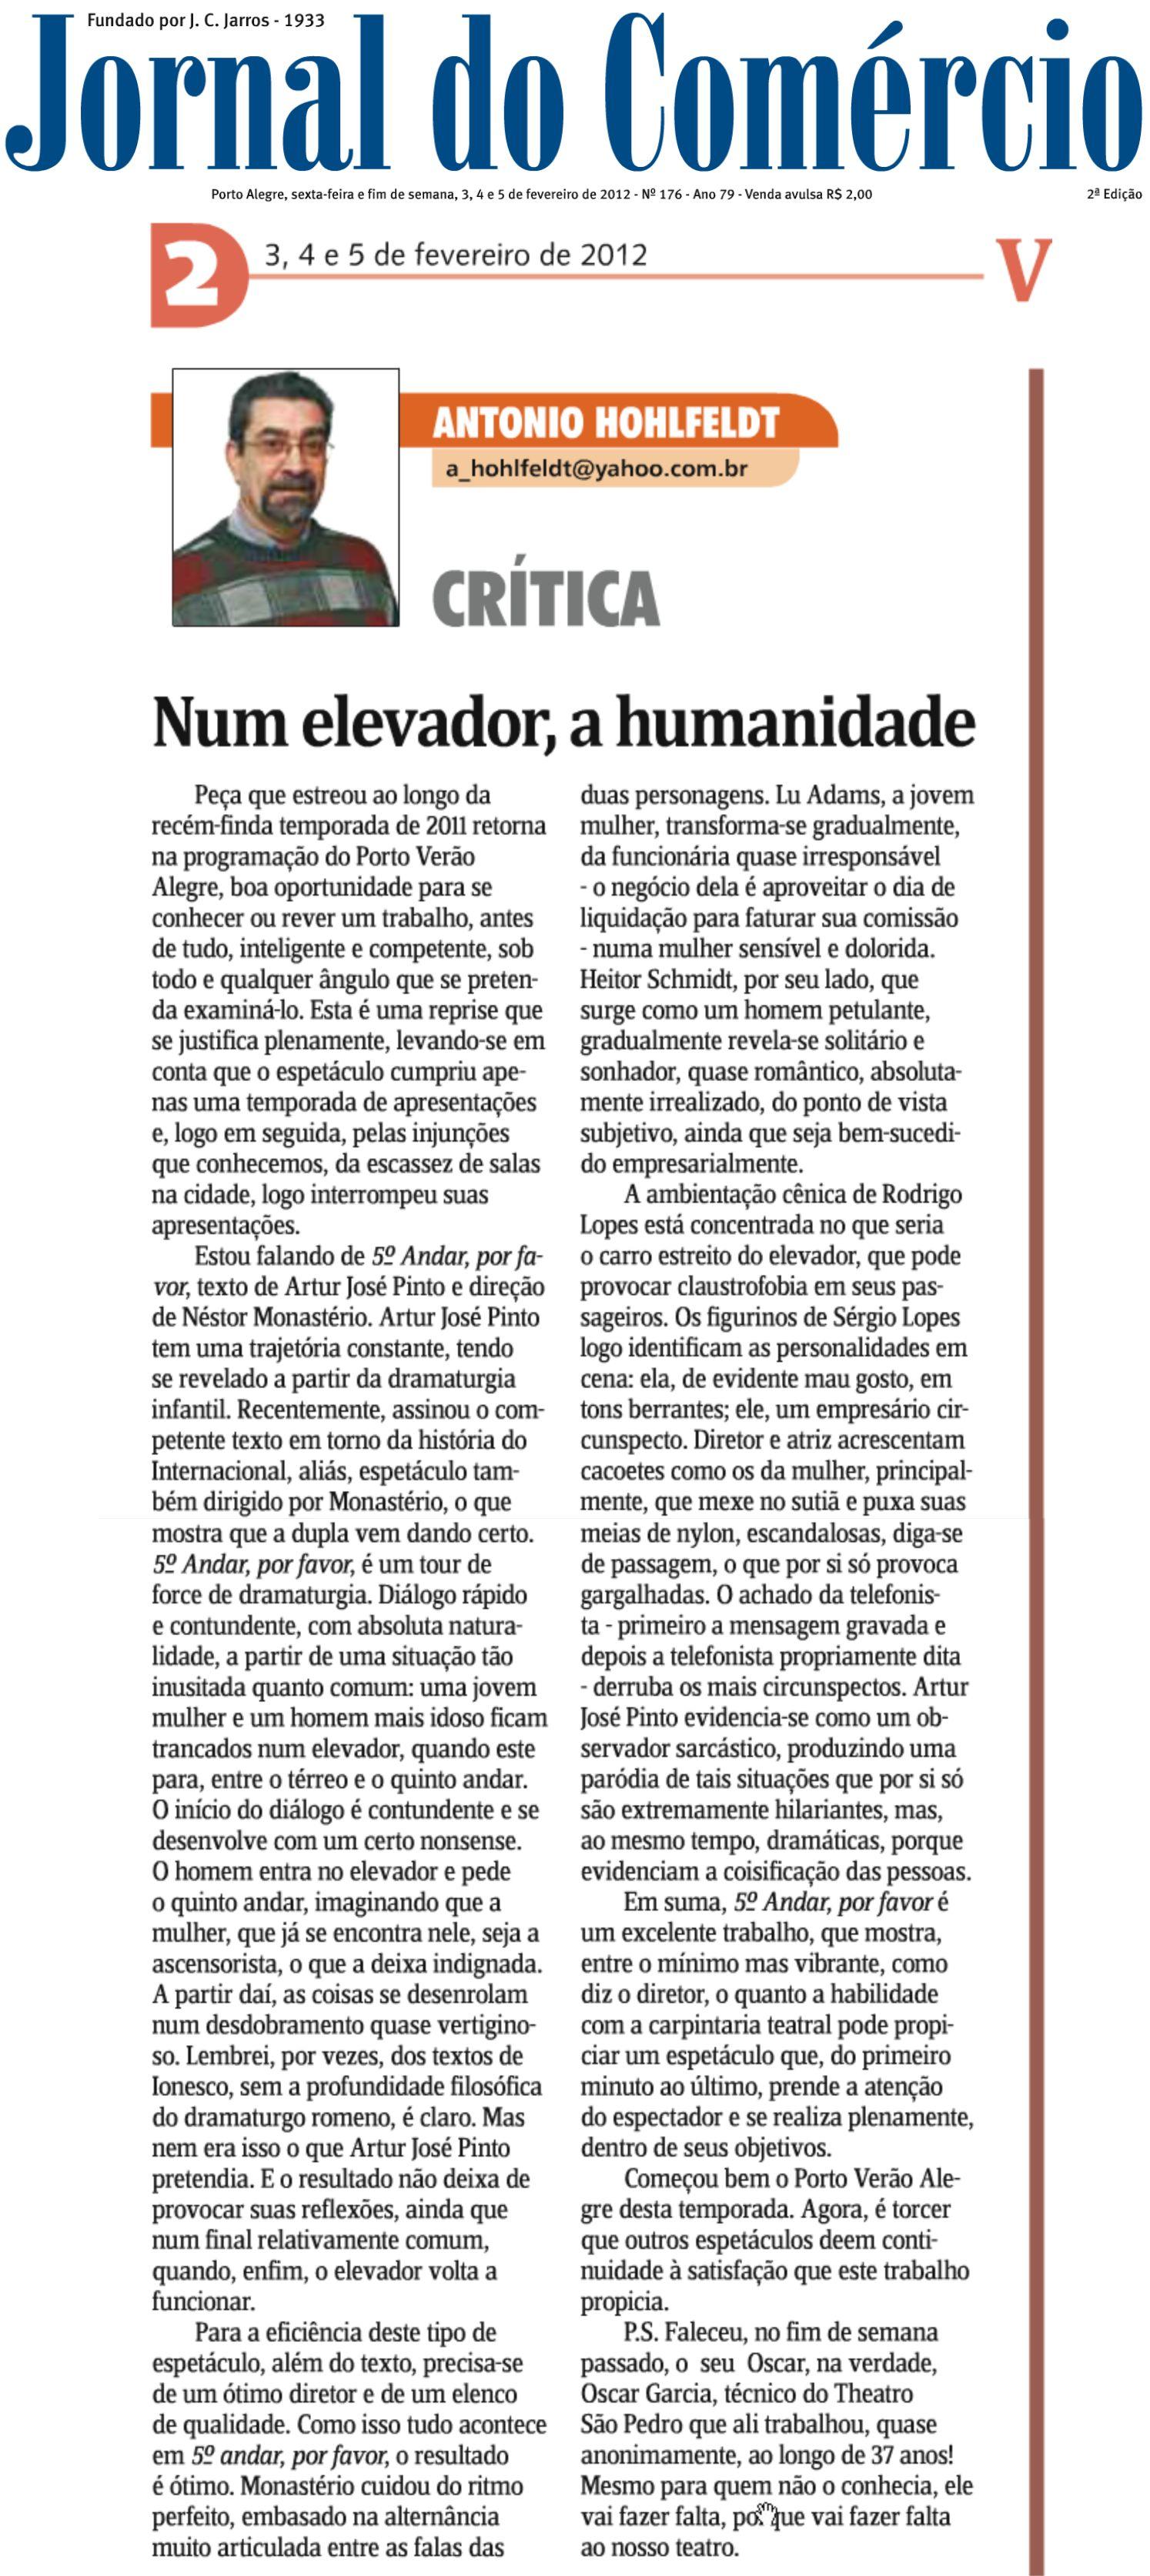 Crítica - Jornal do Comércio - Porto Alegre - fevereiro 2012